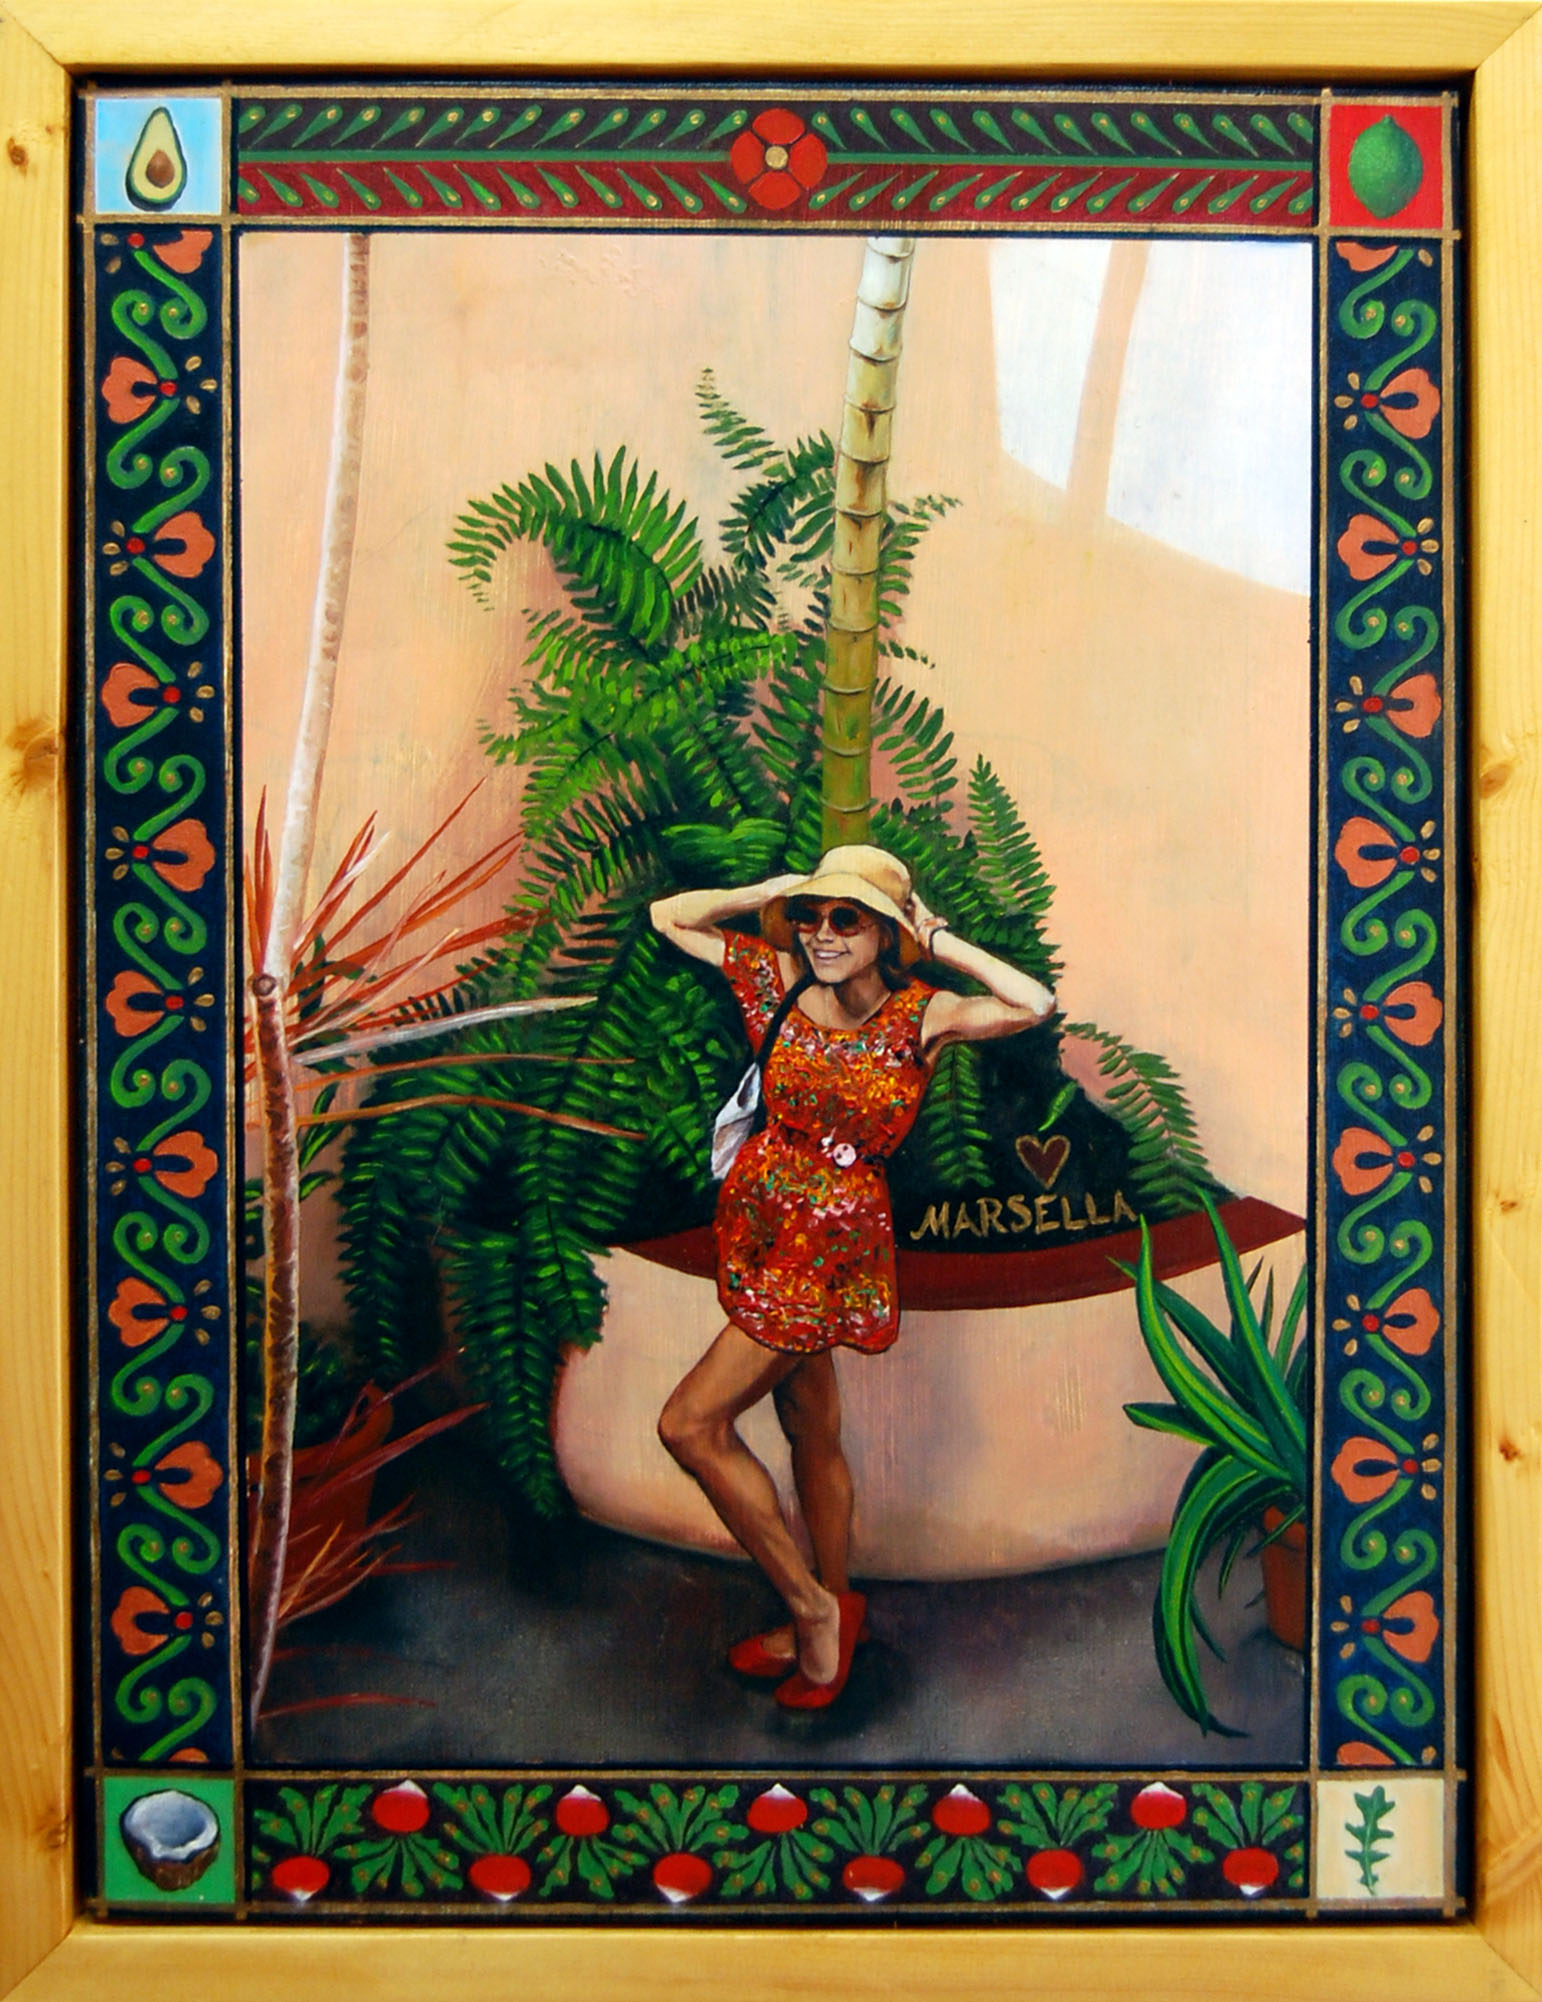 Marseille Debout à L'Endroit où la Mère de Camille Pissarro lui a Donné naissance (Marsella Standing on the Spot where Camille Pisarro's Mother Pushed Him Out)